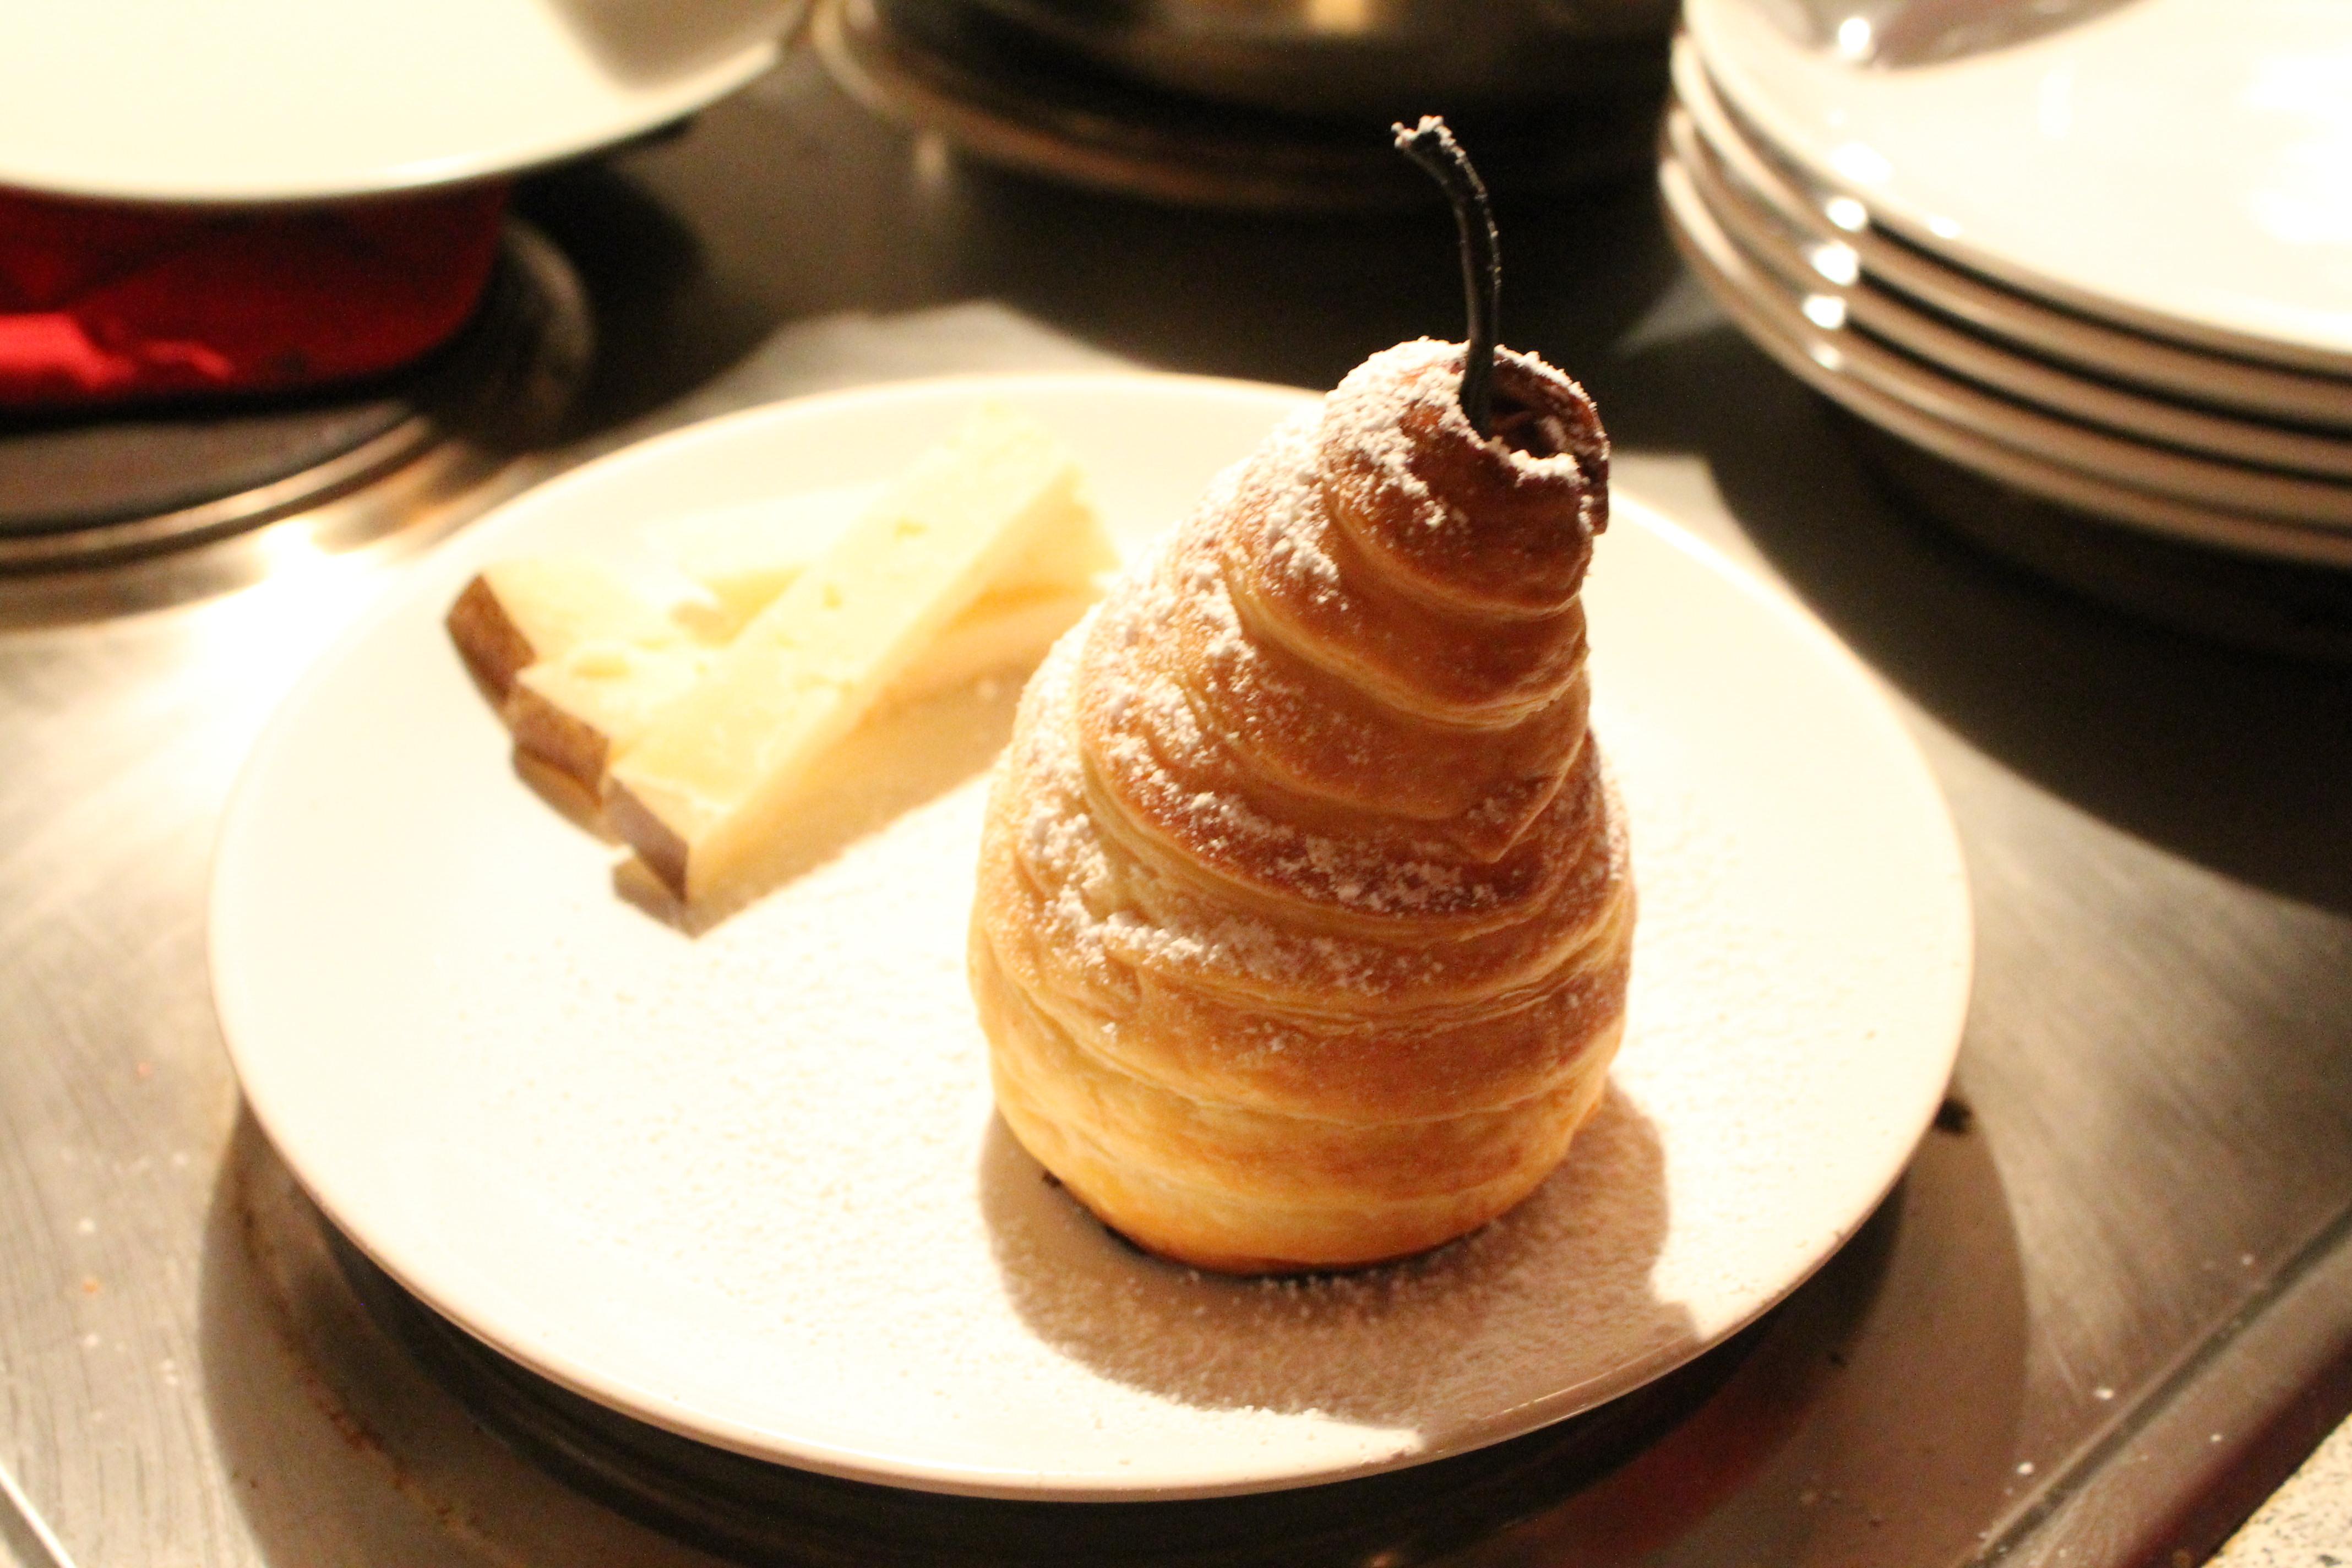 Honigbirnen im Blätterteigmantel mit Pecorino - Der kulinarische Donnerstag #6